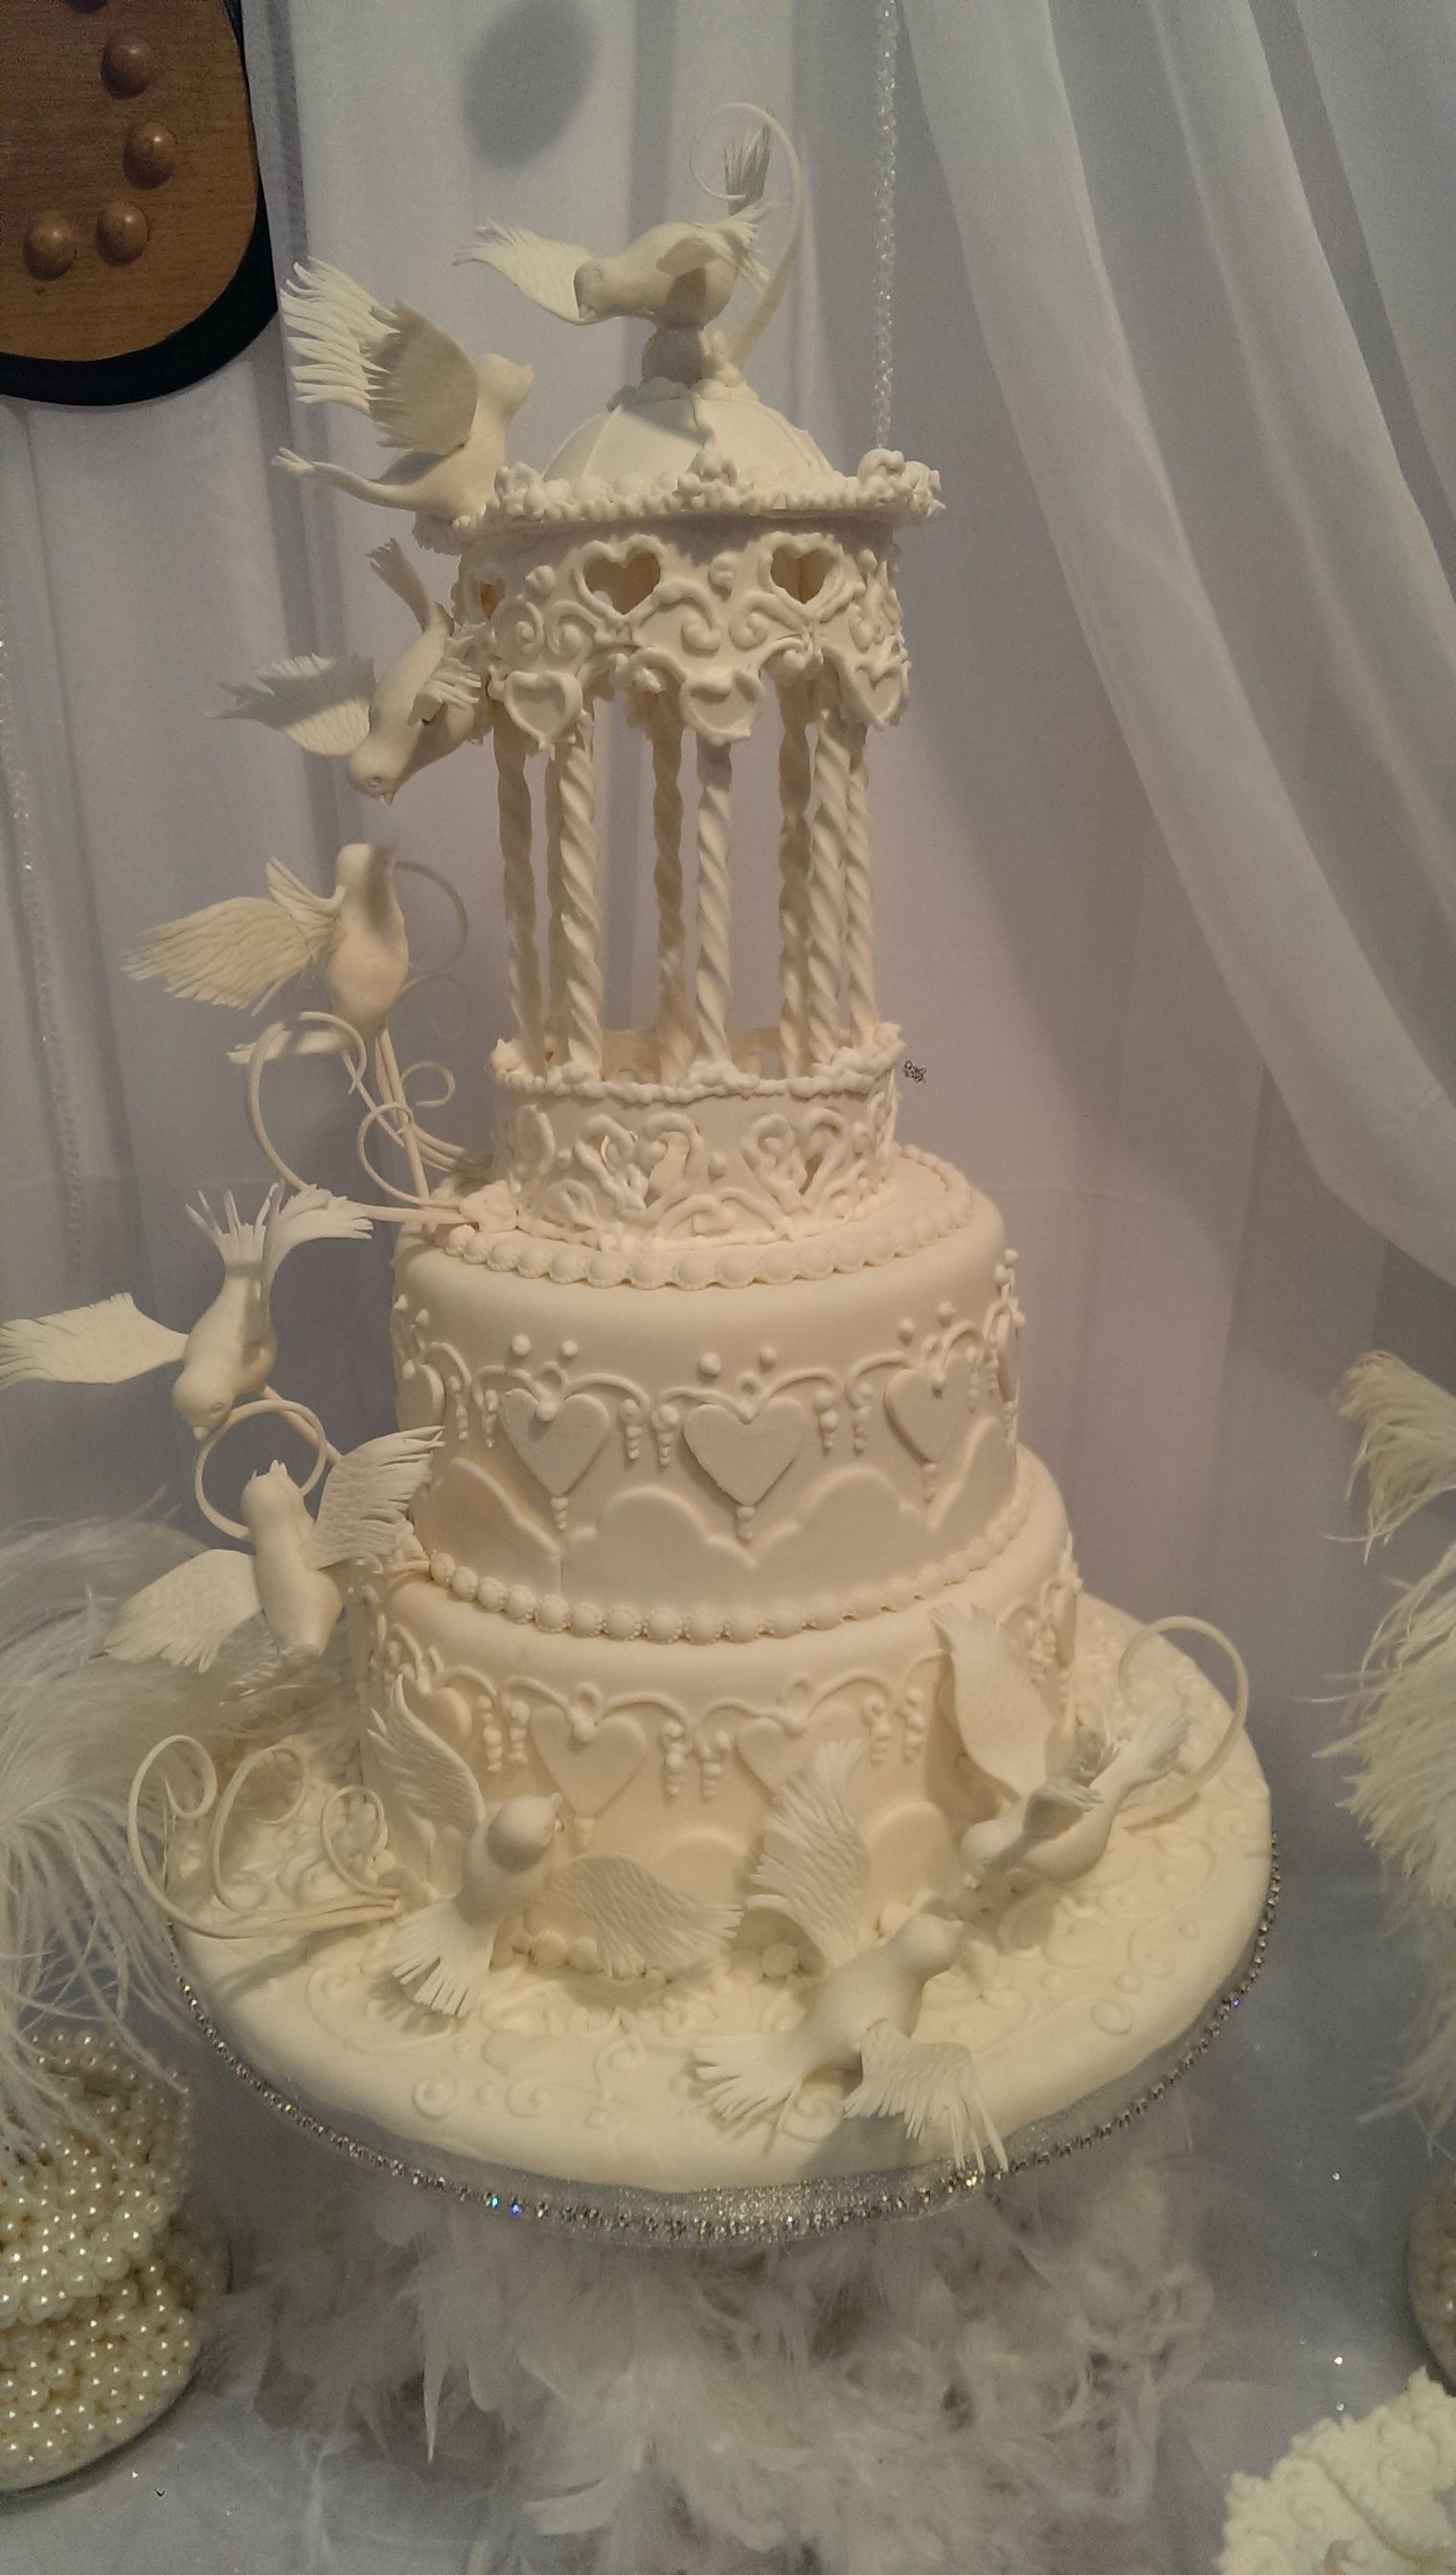 Gazebo and doves wedding cake with images wedding doves